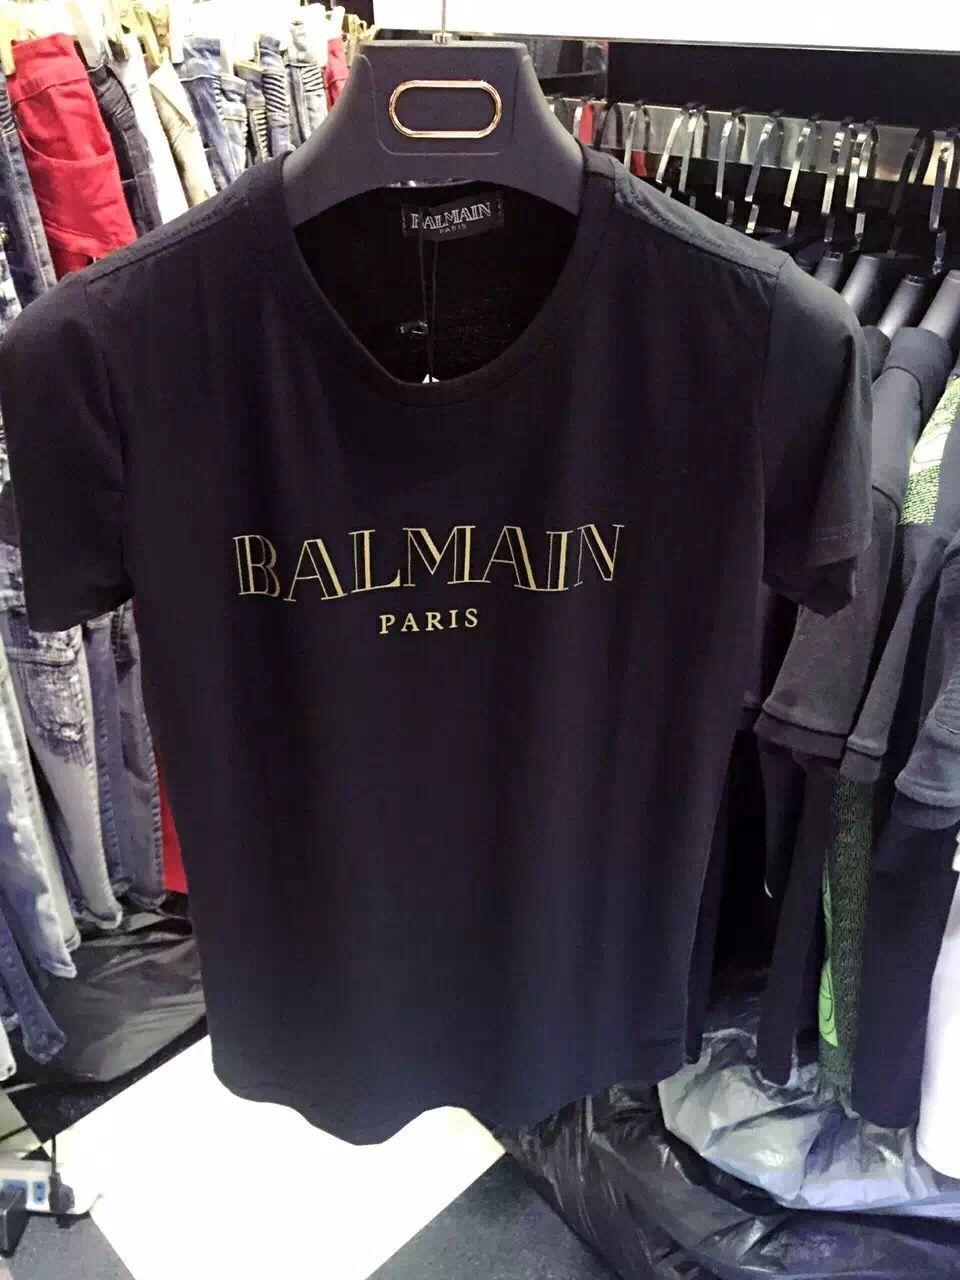 Best quality black t shirt - Cheap T Shirt Best Captain America Workout Shirt